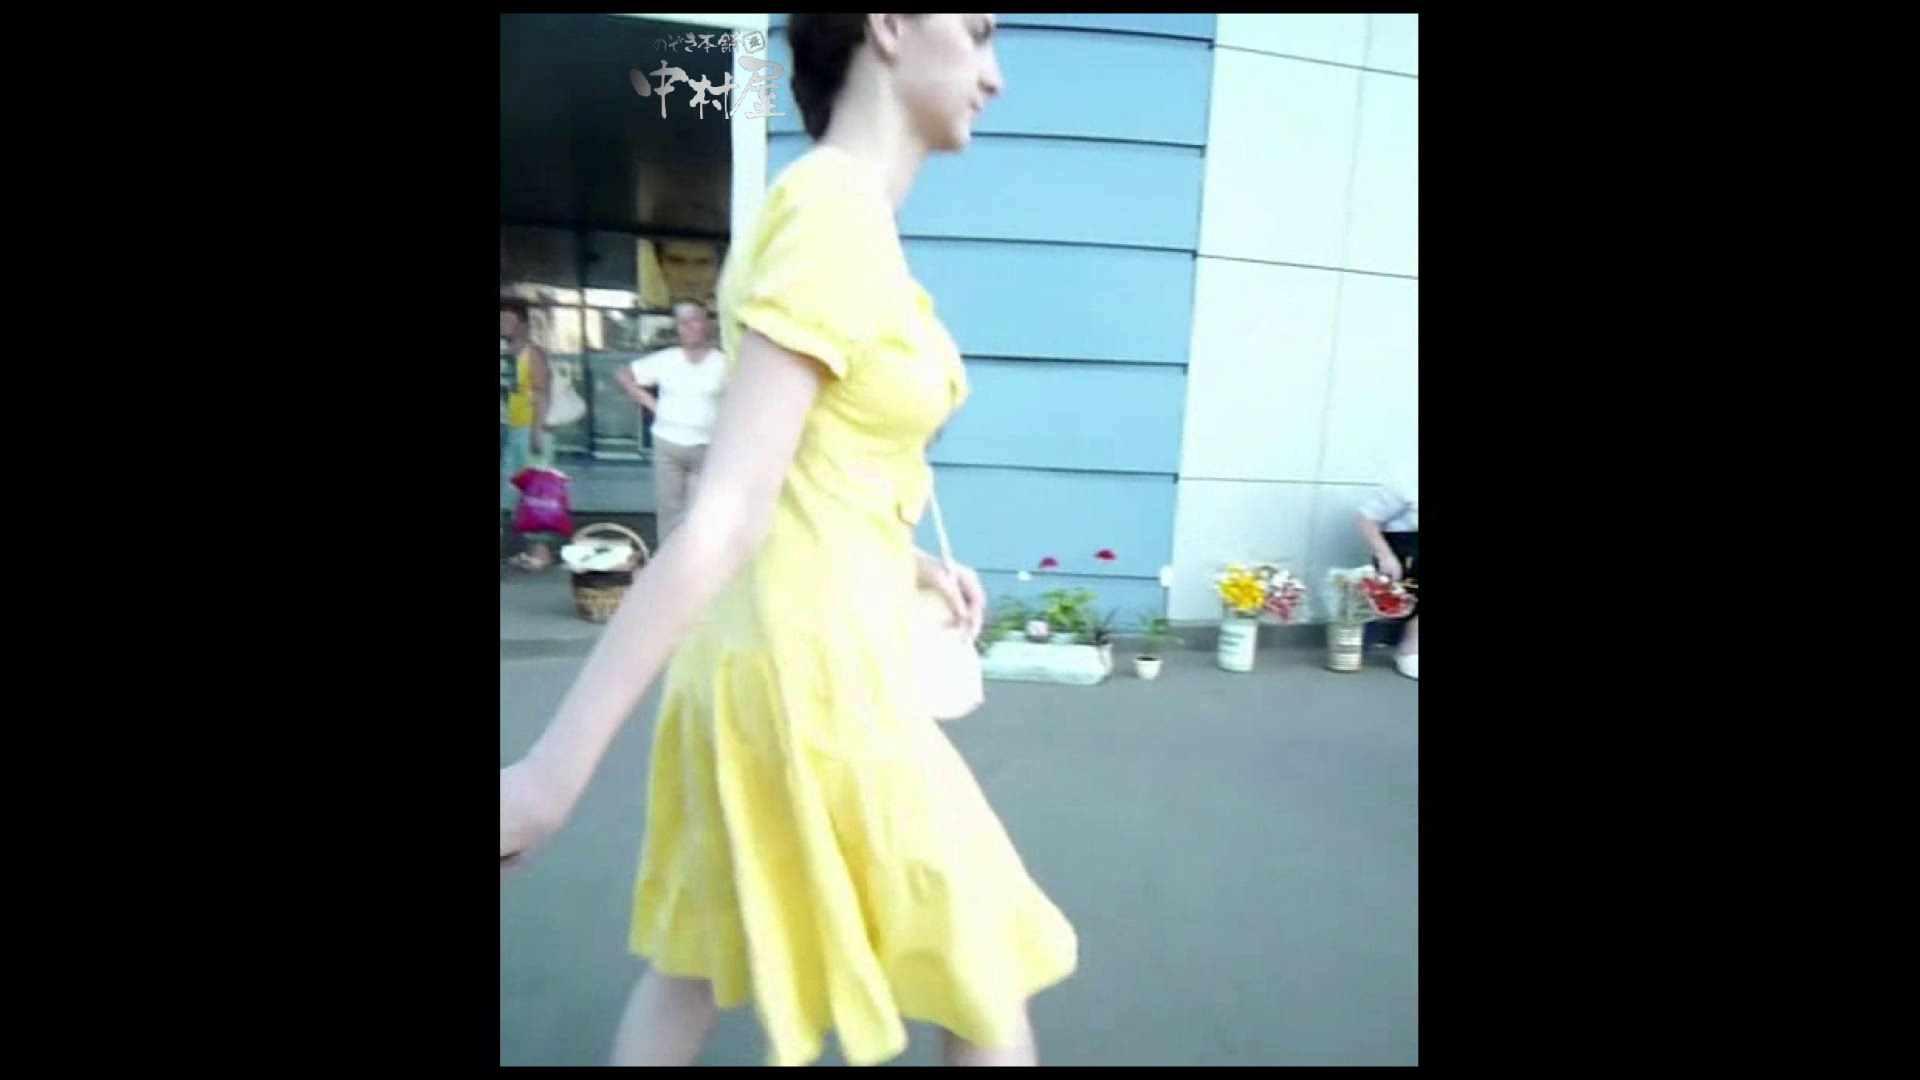 綺麗なモデルさんのスカート捲っちゃおう‼ vol30 お姉さんハメ撮り  109Pix 62